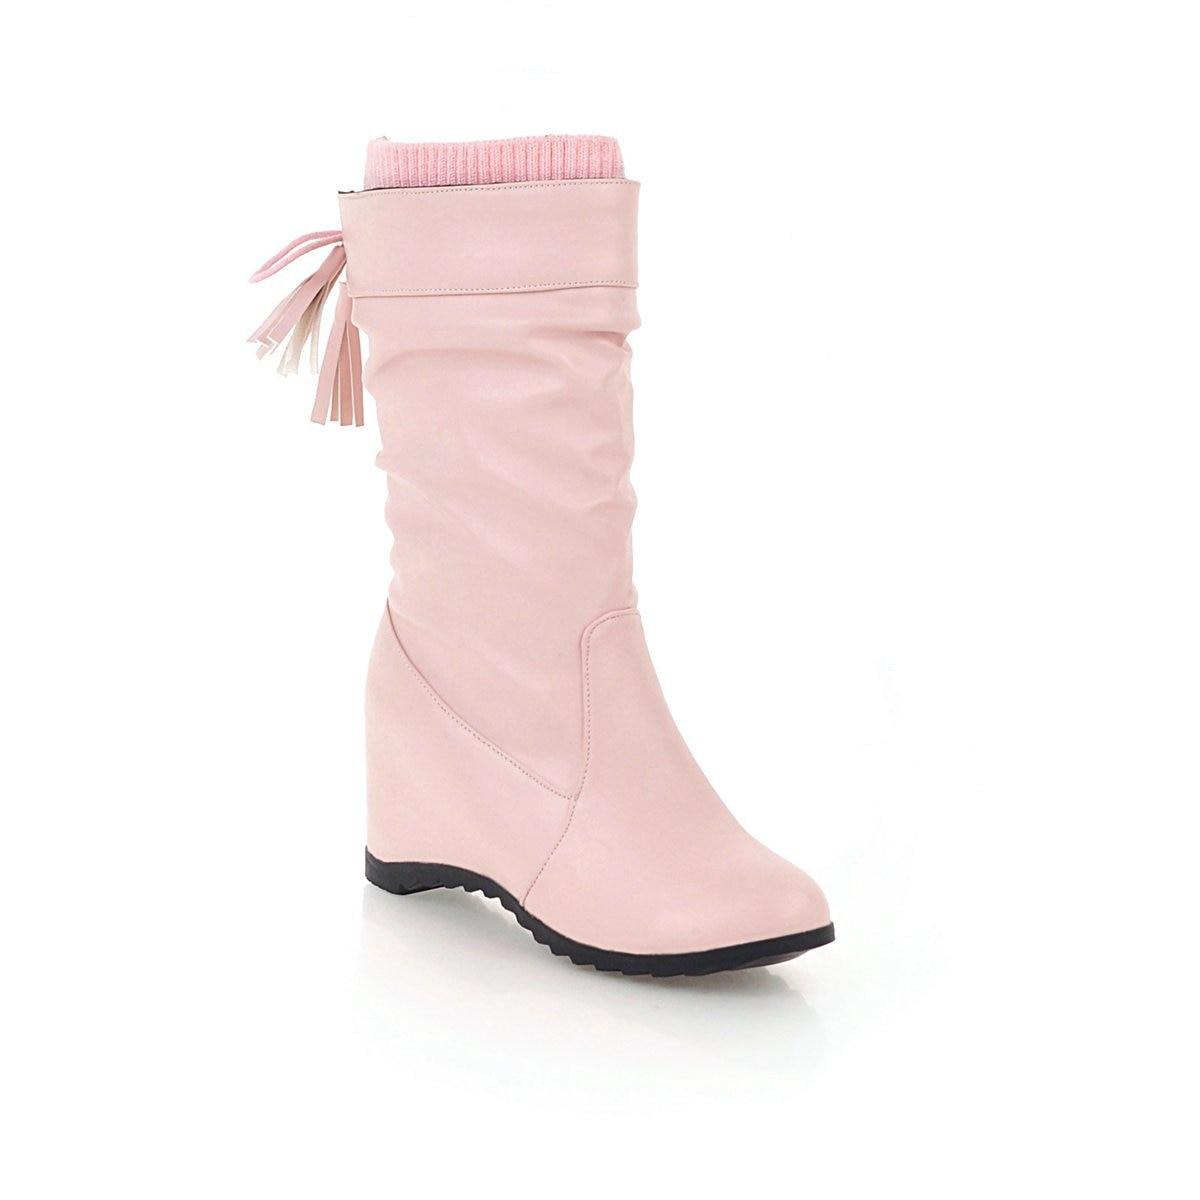 La Cuñas De Invierno rosado Marea Zapatos blanco Botas Negro 40 Las Nuevos Tamaño Tubo En Con 181106 2018 Casuales Gran El Productos Mujeres 43 FPwaq